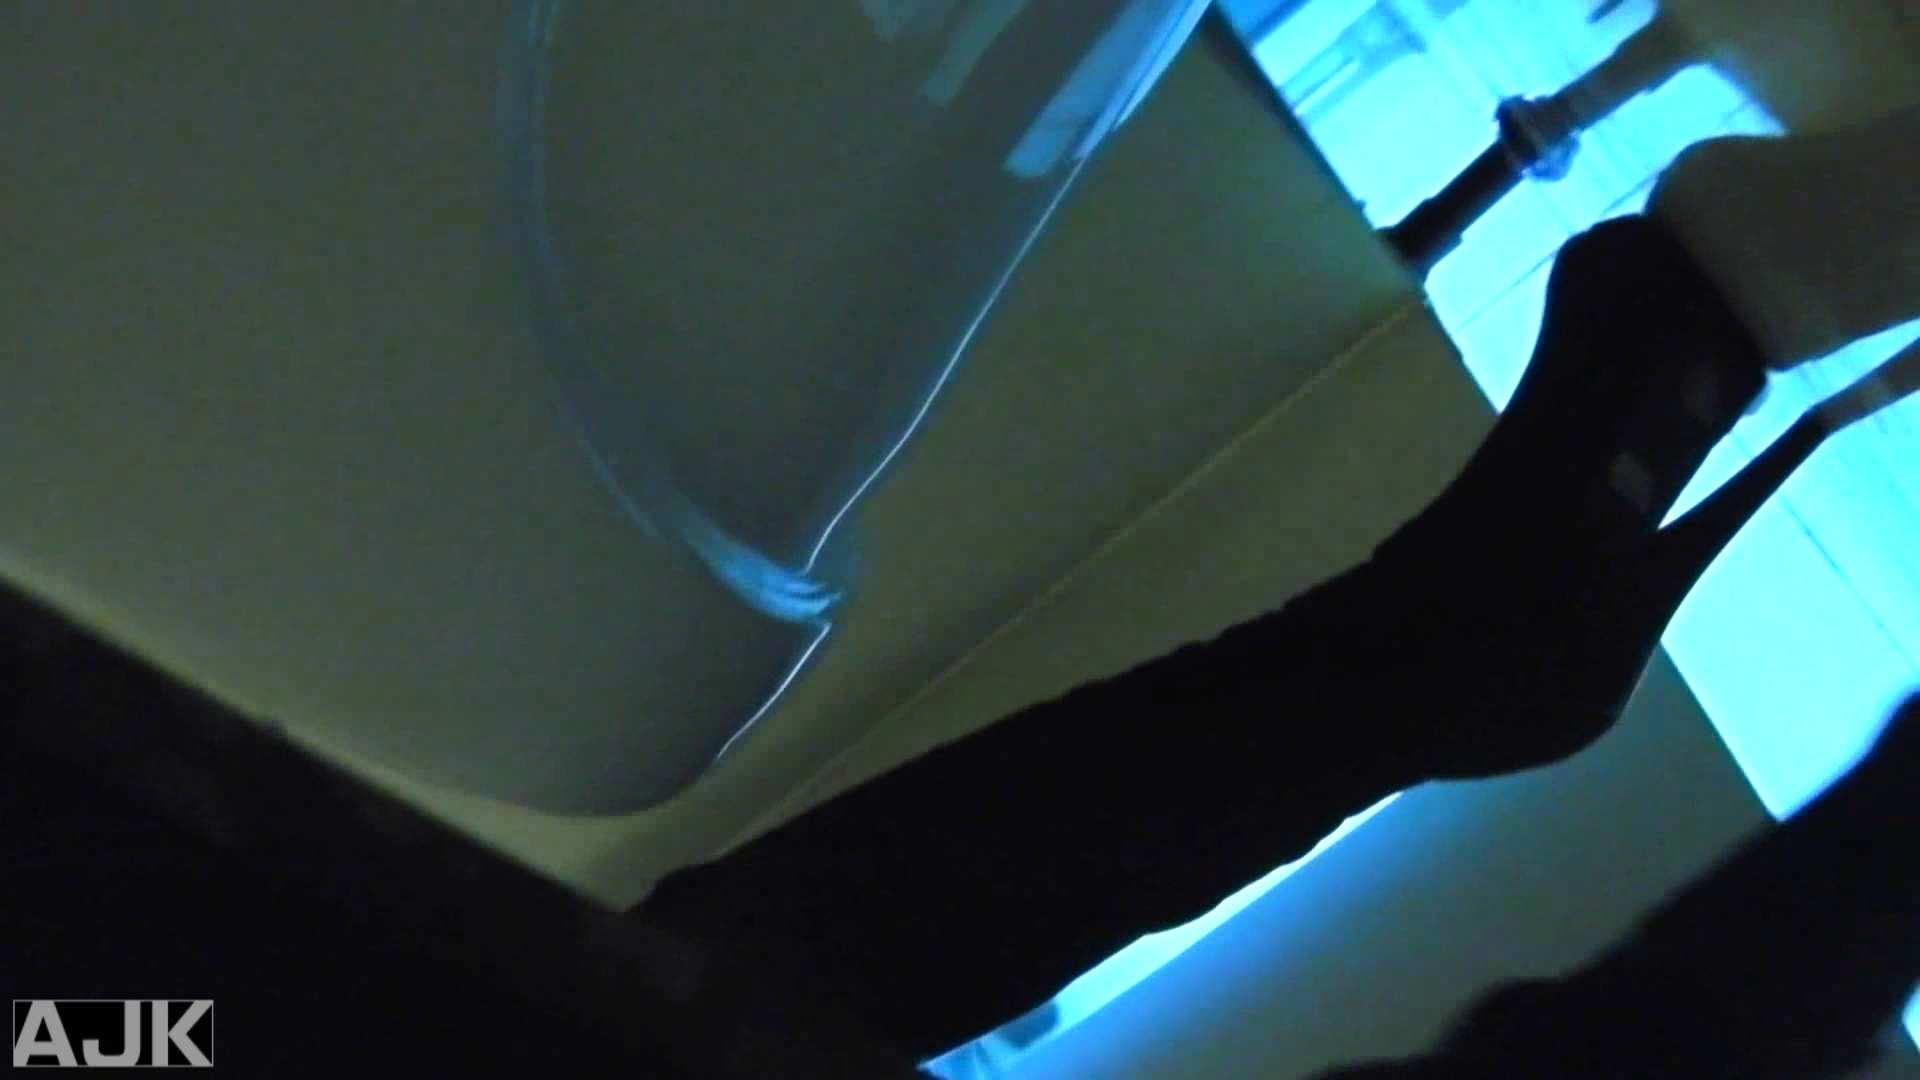 神降臨!史上最強の潜入かわや! vol.22 盗撮シリーズ おめこ無修正動画無料 112PIX 68